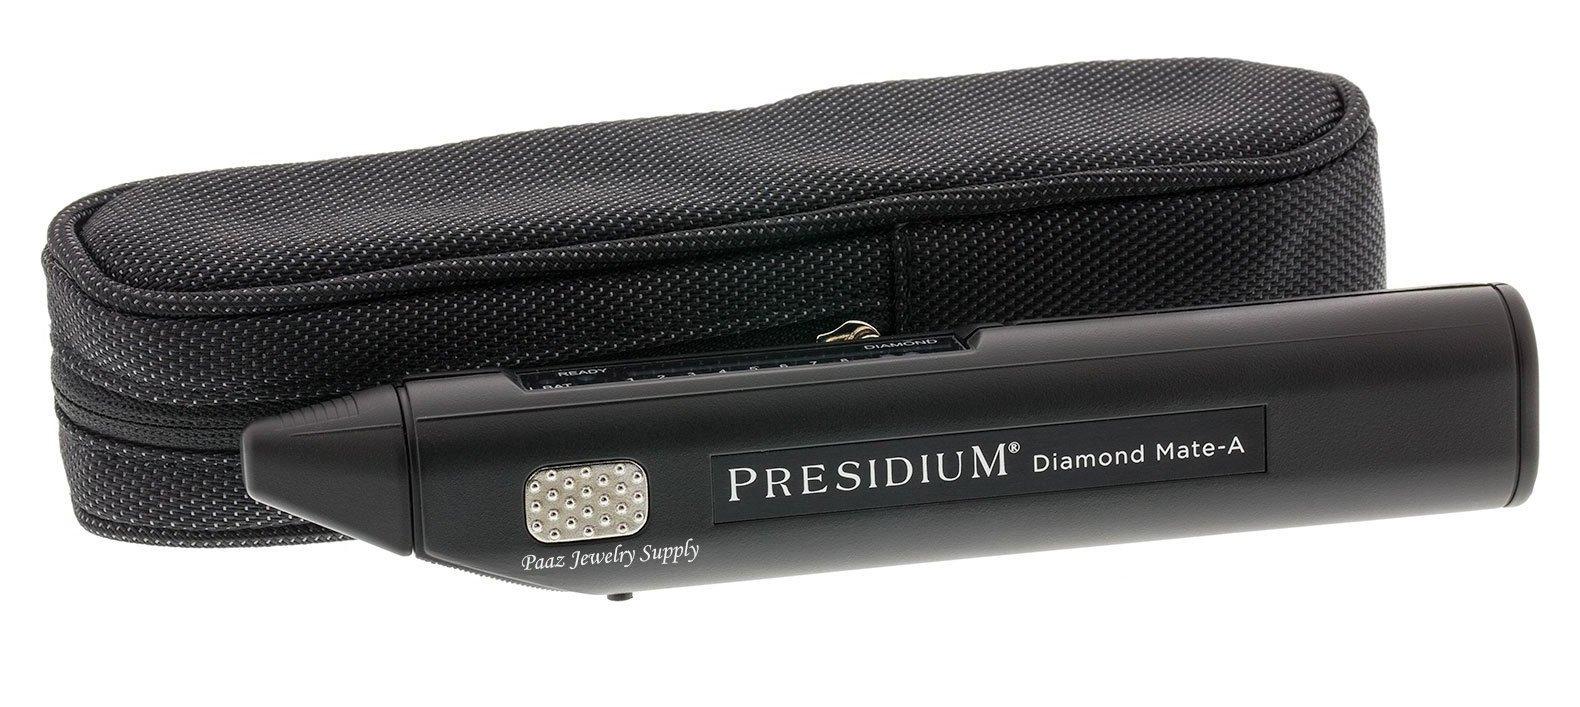 Presidium Diamondmate Tester - DIA-510.20 by Presidium (Image #5)